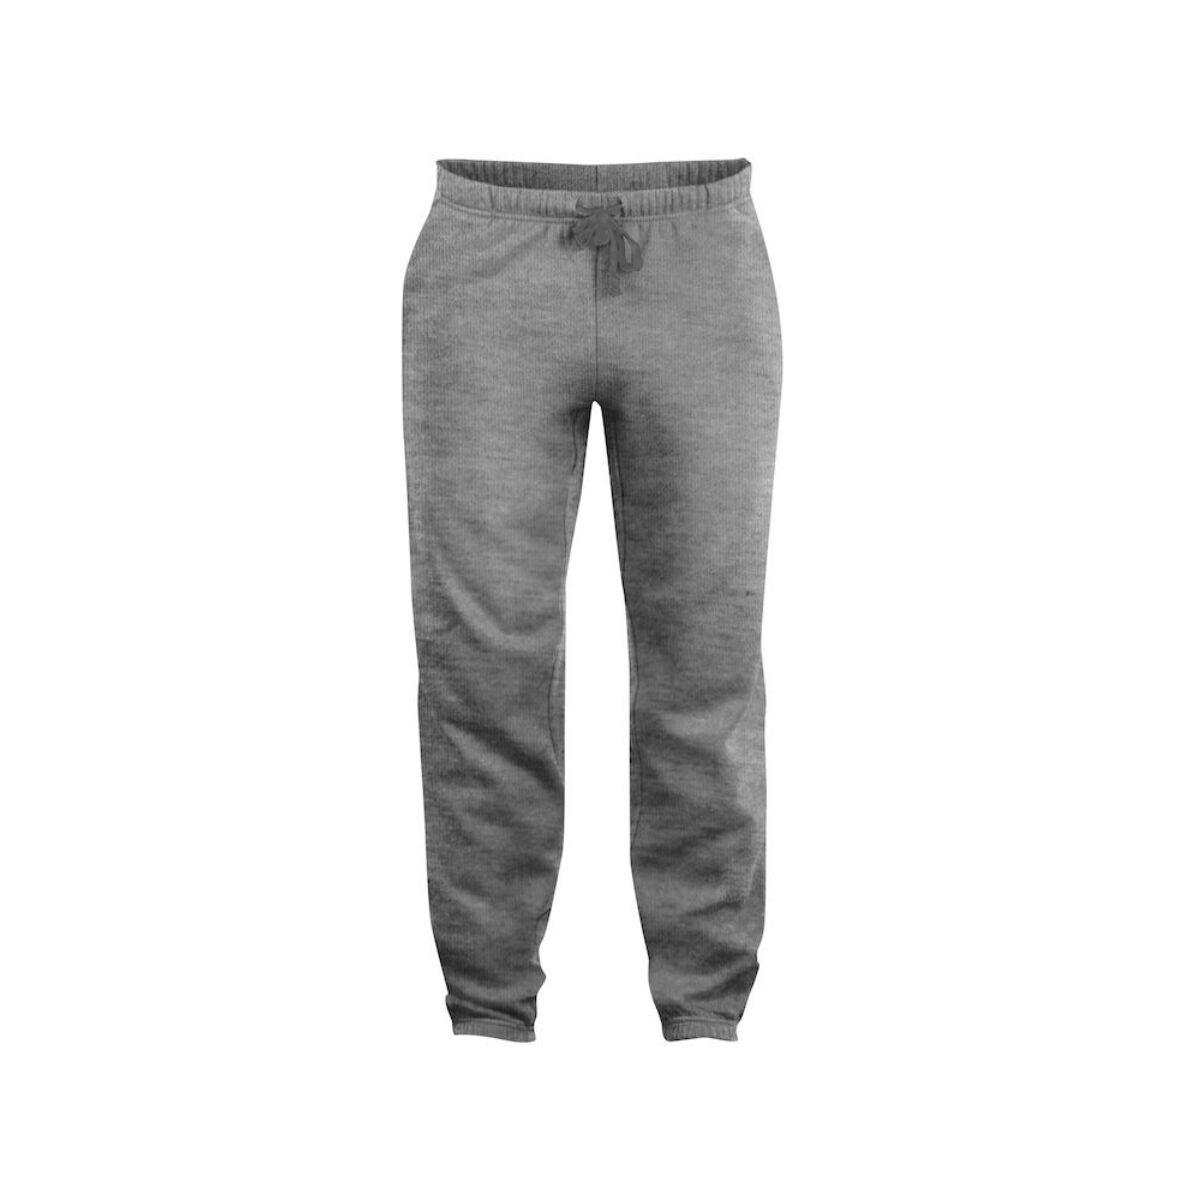 Clique Pants Grey Melange